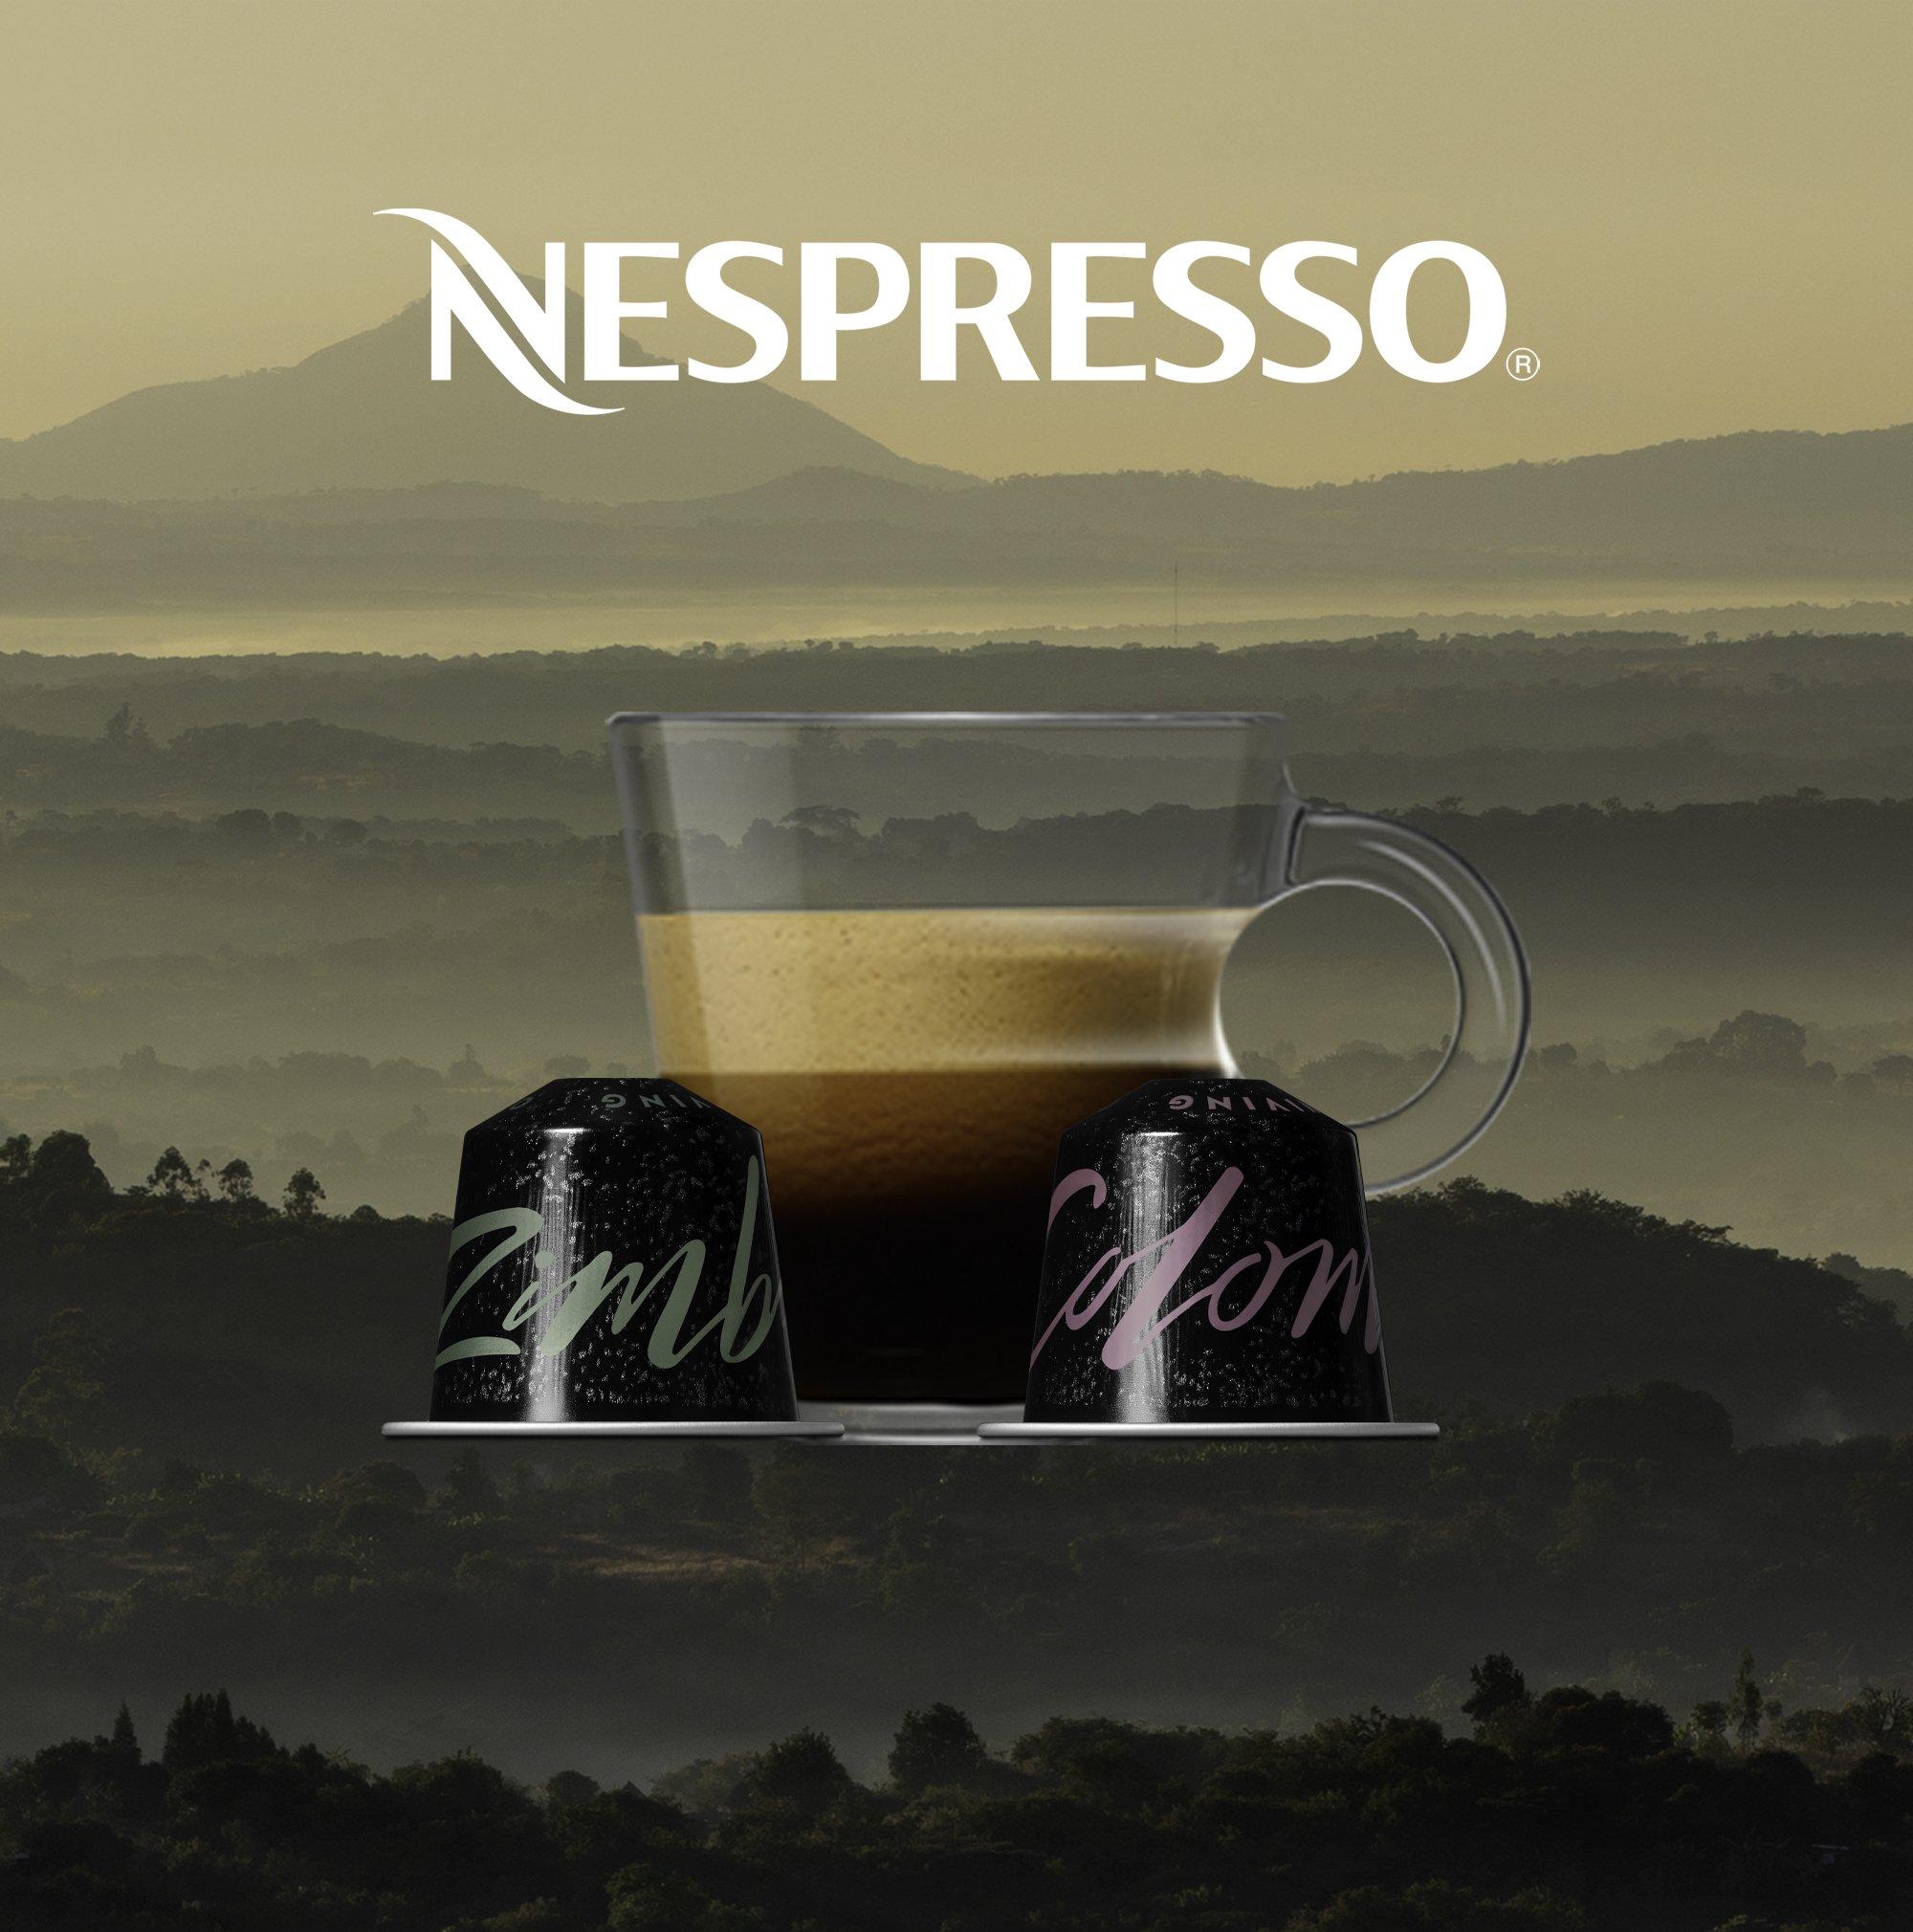 Nespresso: Reviving Origins